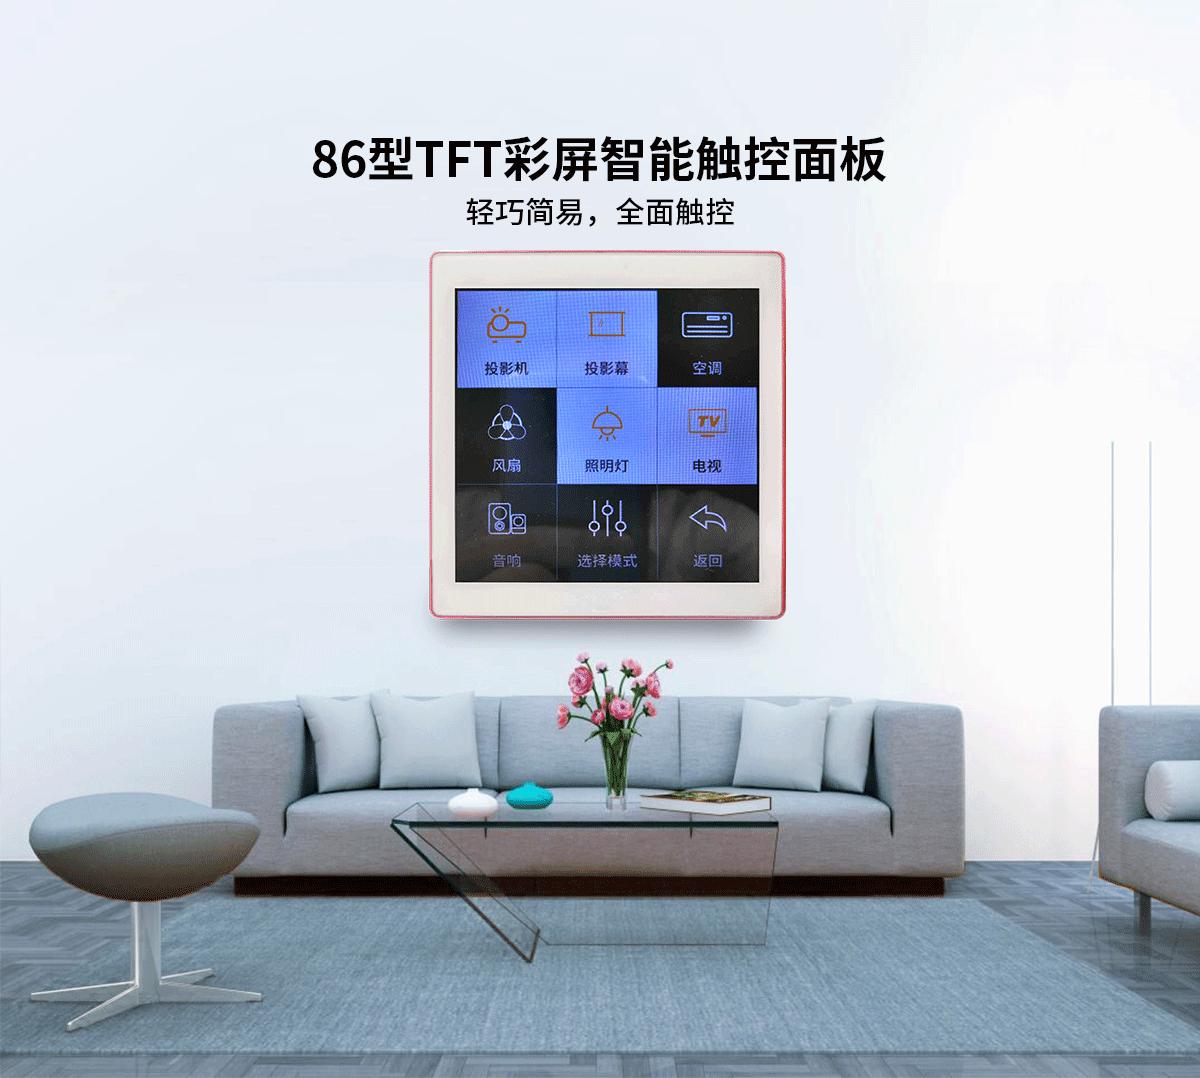 產品中心-智能面板3_01.png